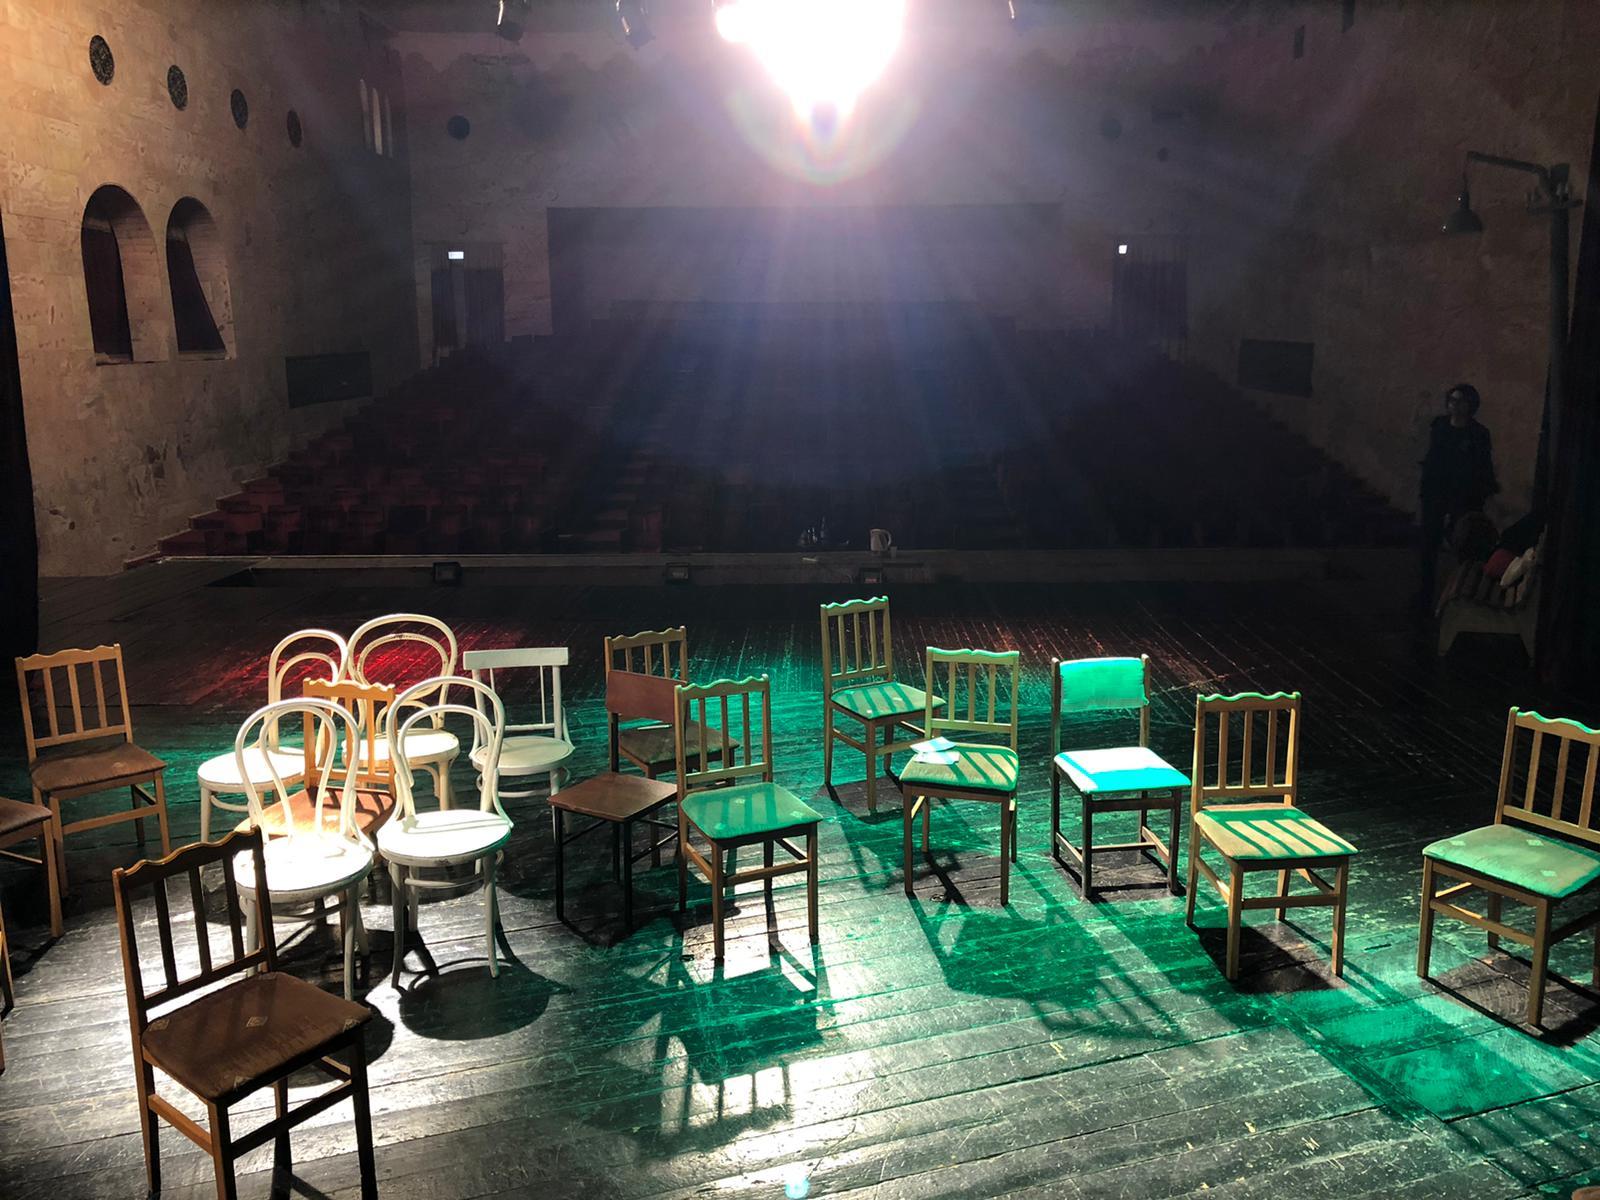 Միխայիլ Չեխովի Միջազգային թատերական աշխատարան Գորիսում